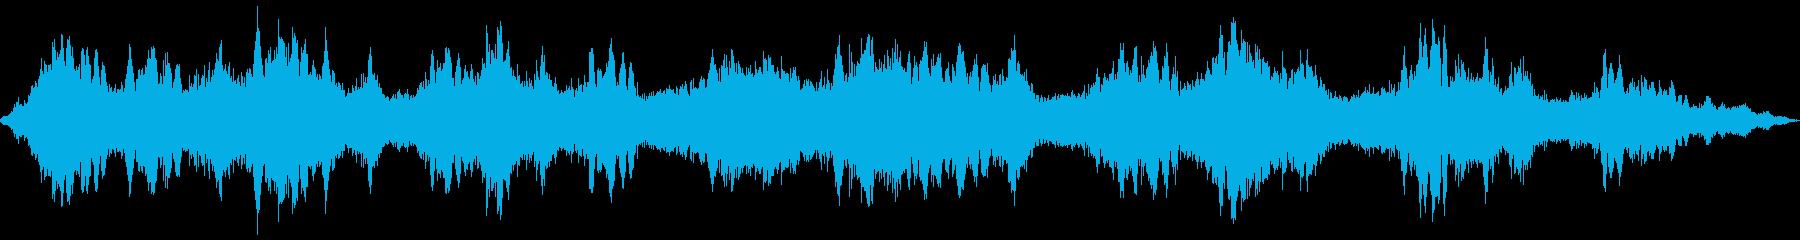 スペースウェイ:高速で通過する宇宙...の再生済みの波形